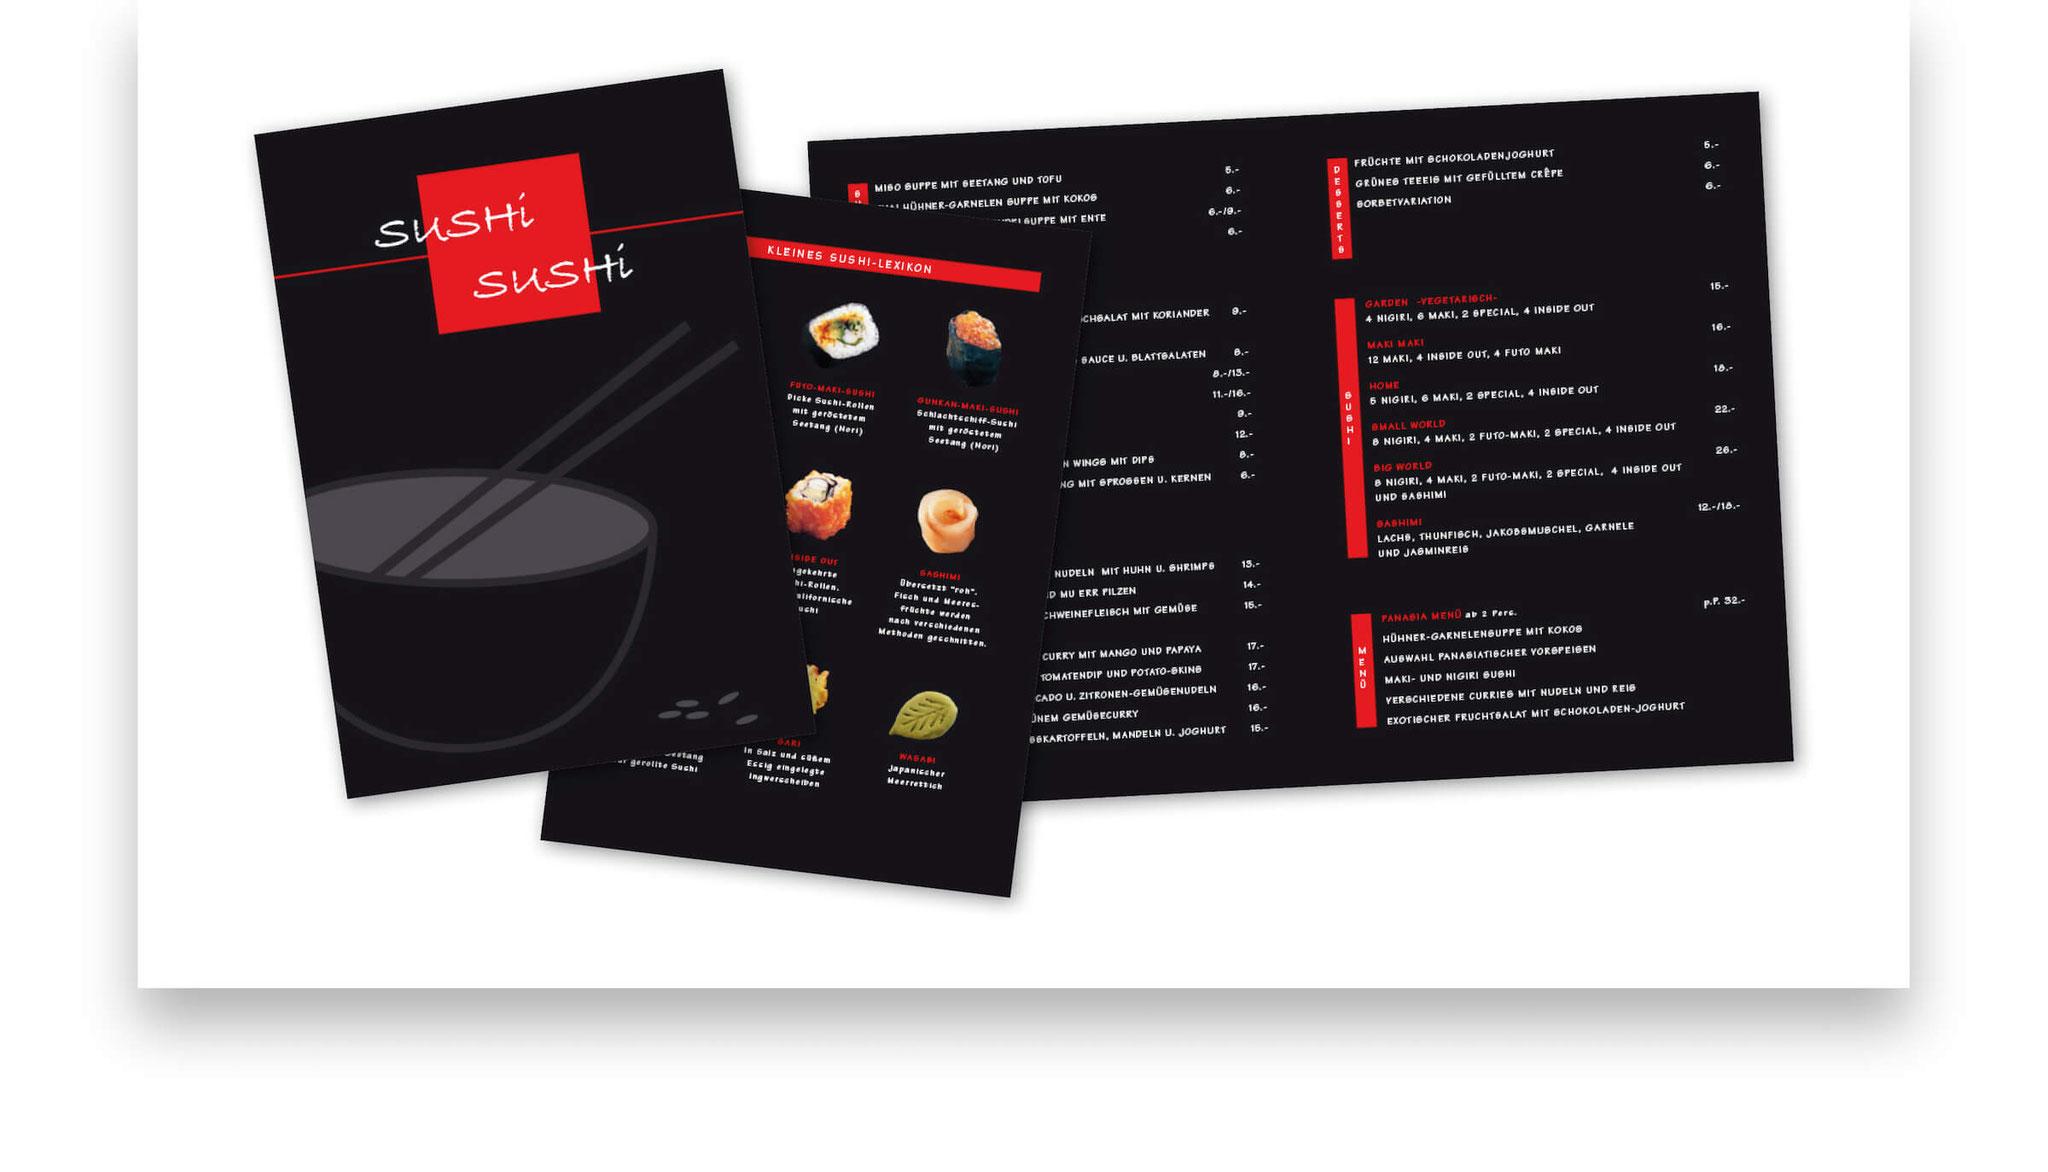 Speisekarte mit Einleger für ein ehemaliges Sushi Restaurant in Lörrach.